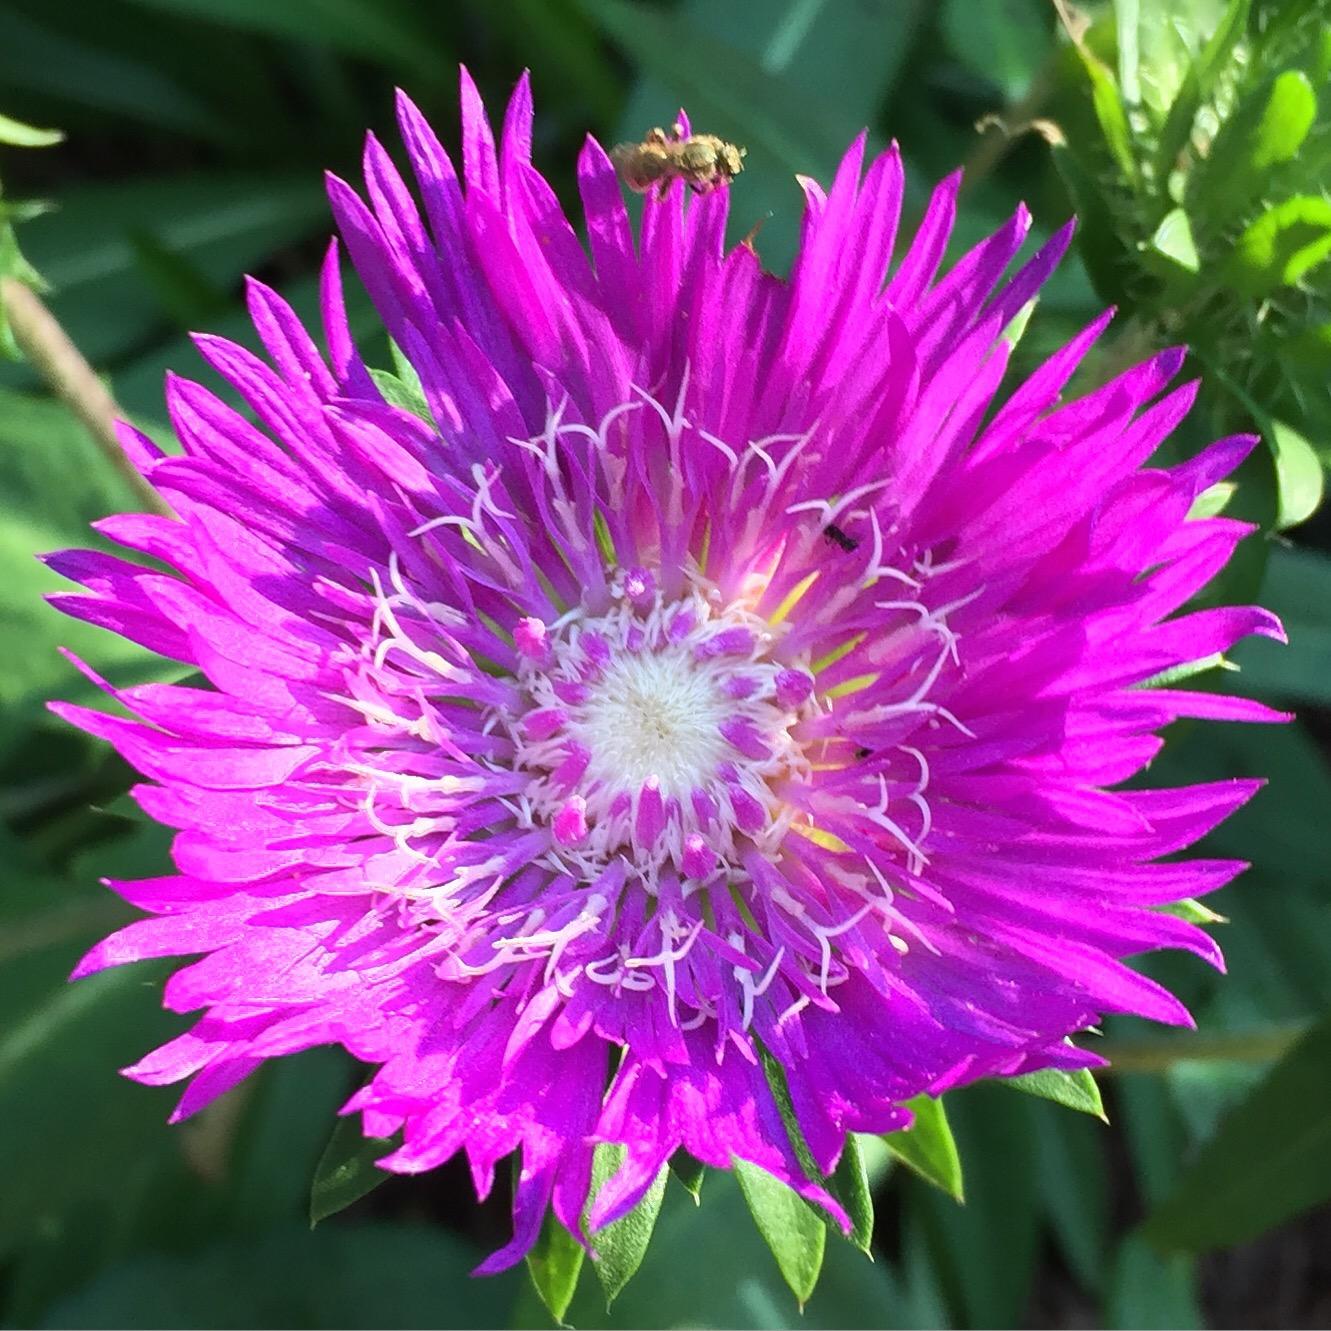 Morningtime flower